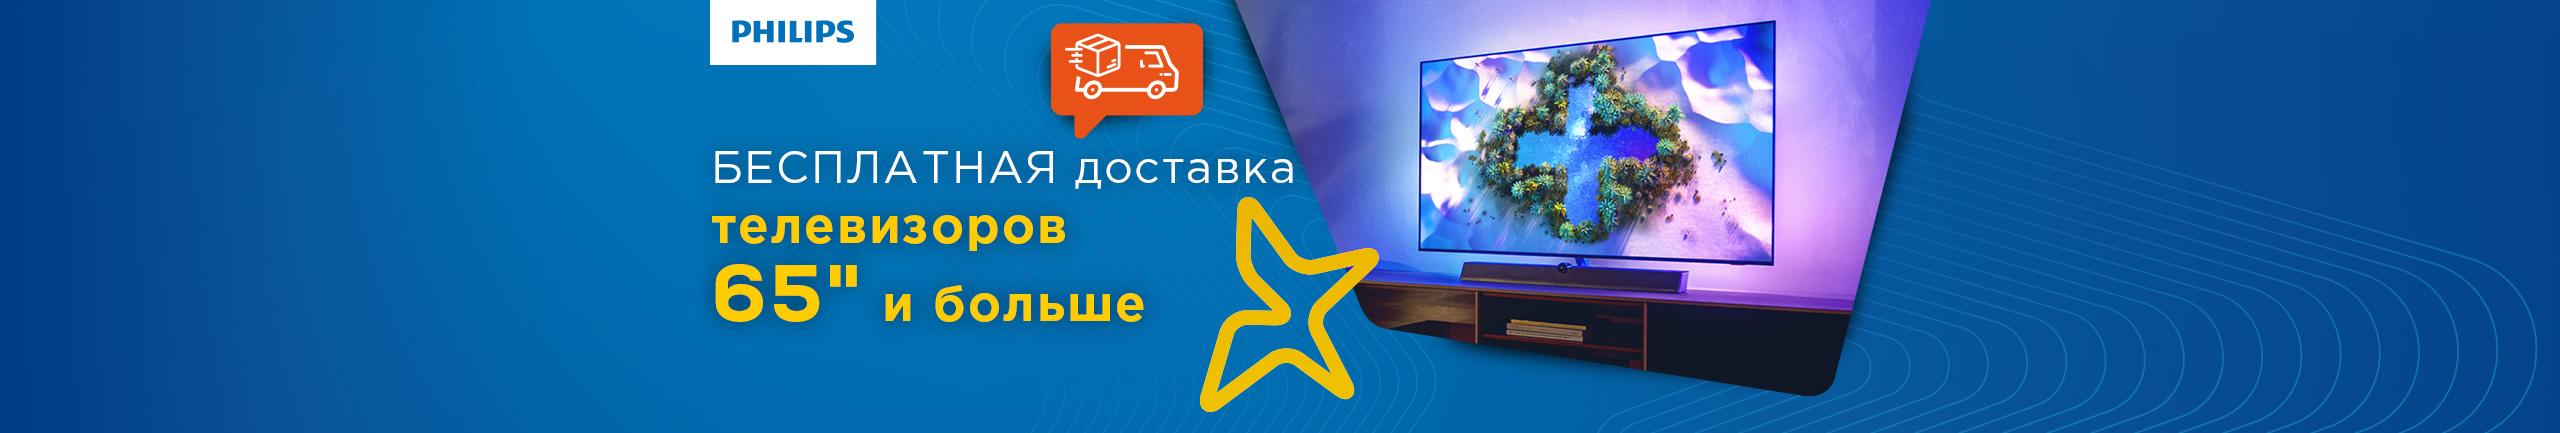 """БЕСПЛАТНАЯ доставка Philips телевизоров 65"""" и больше"""